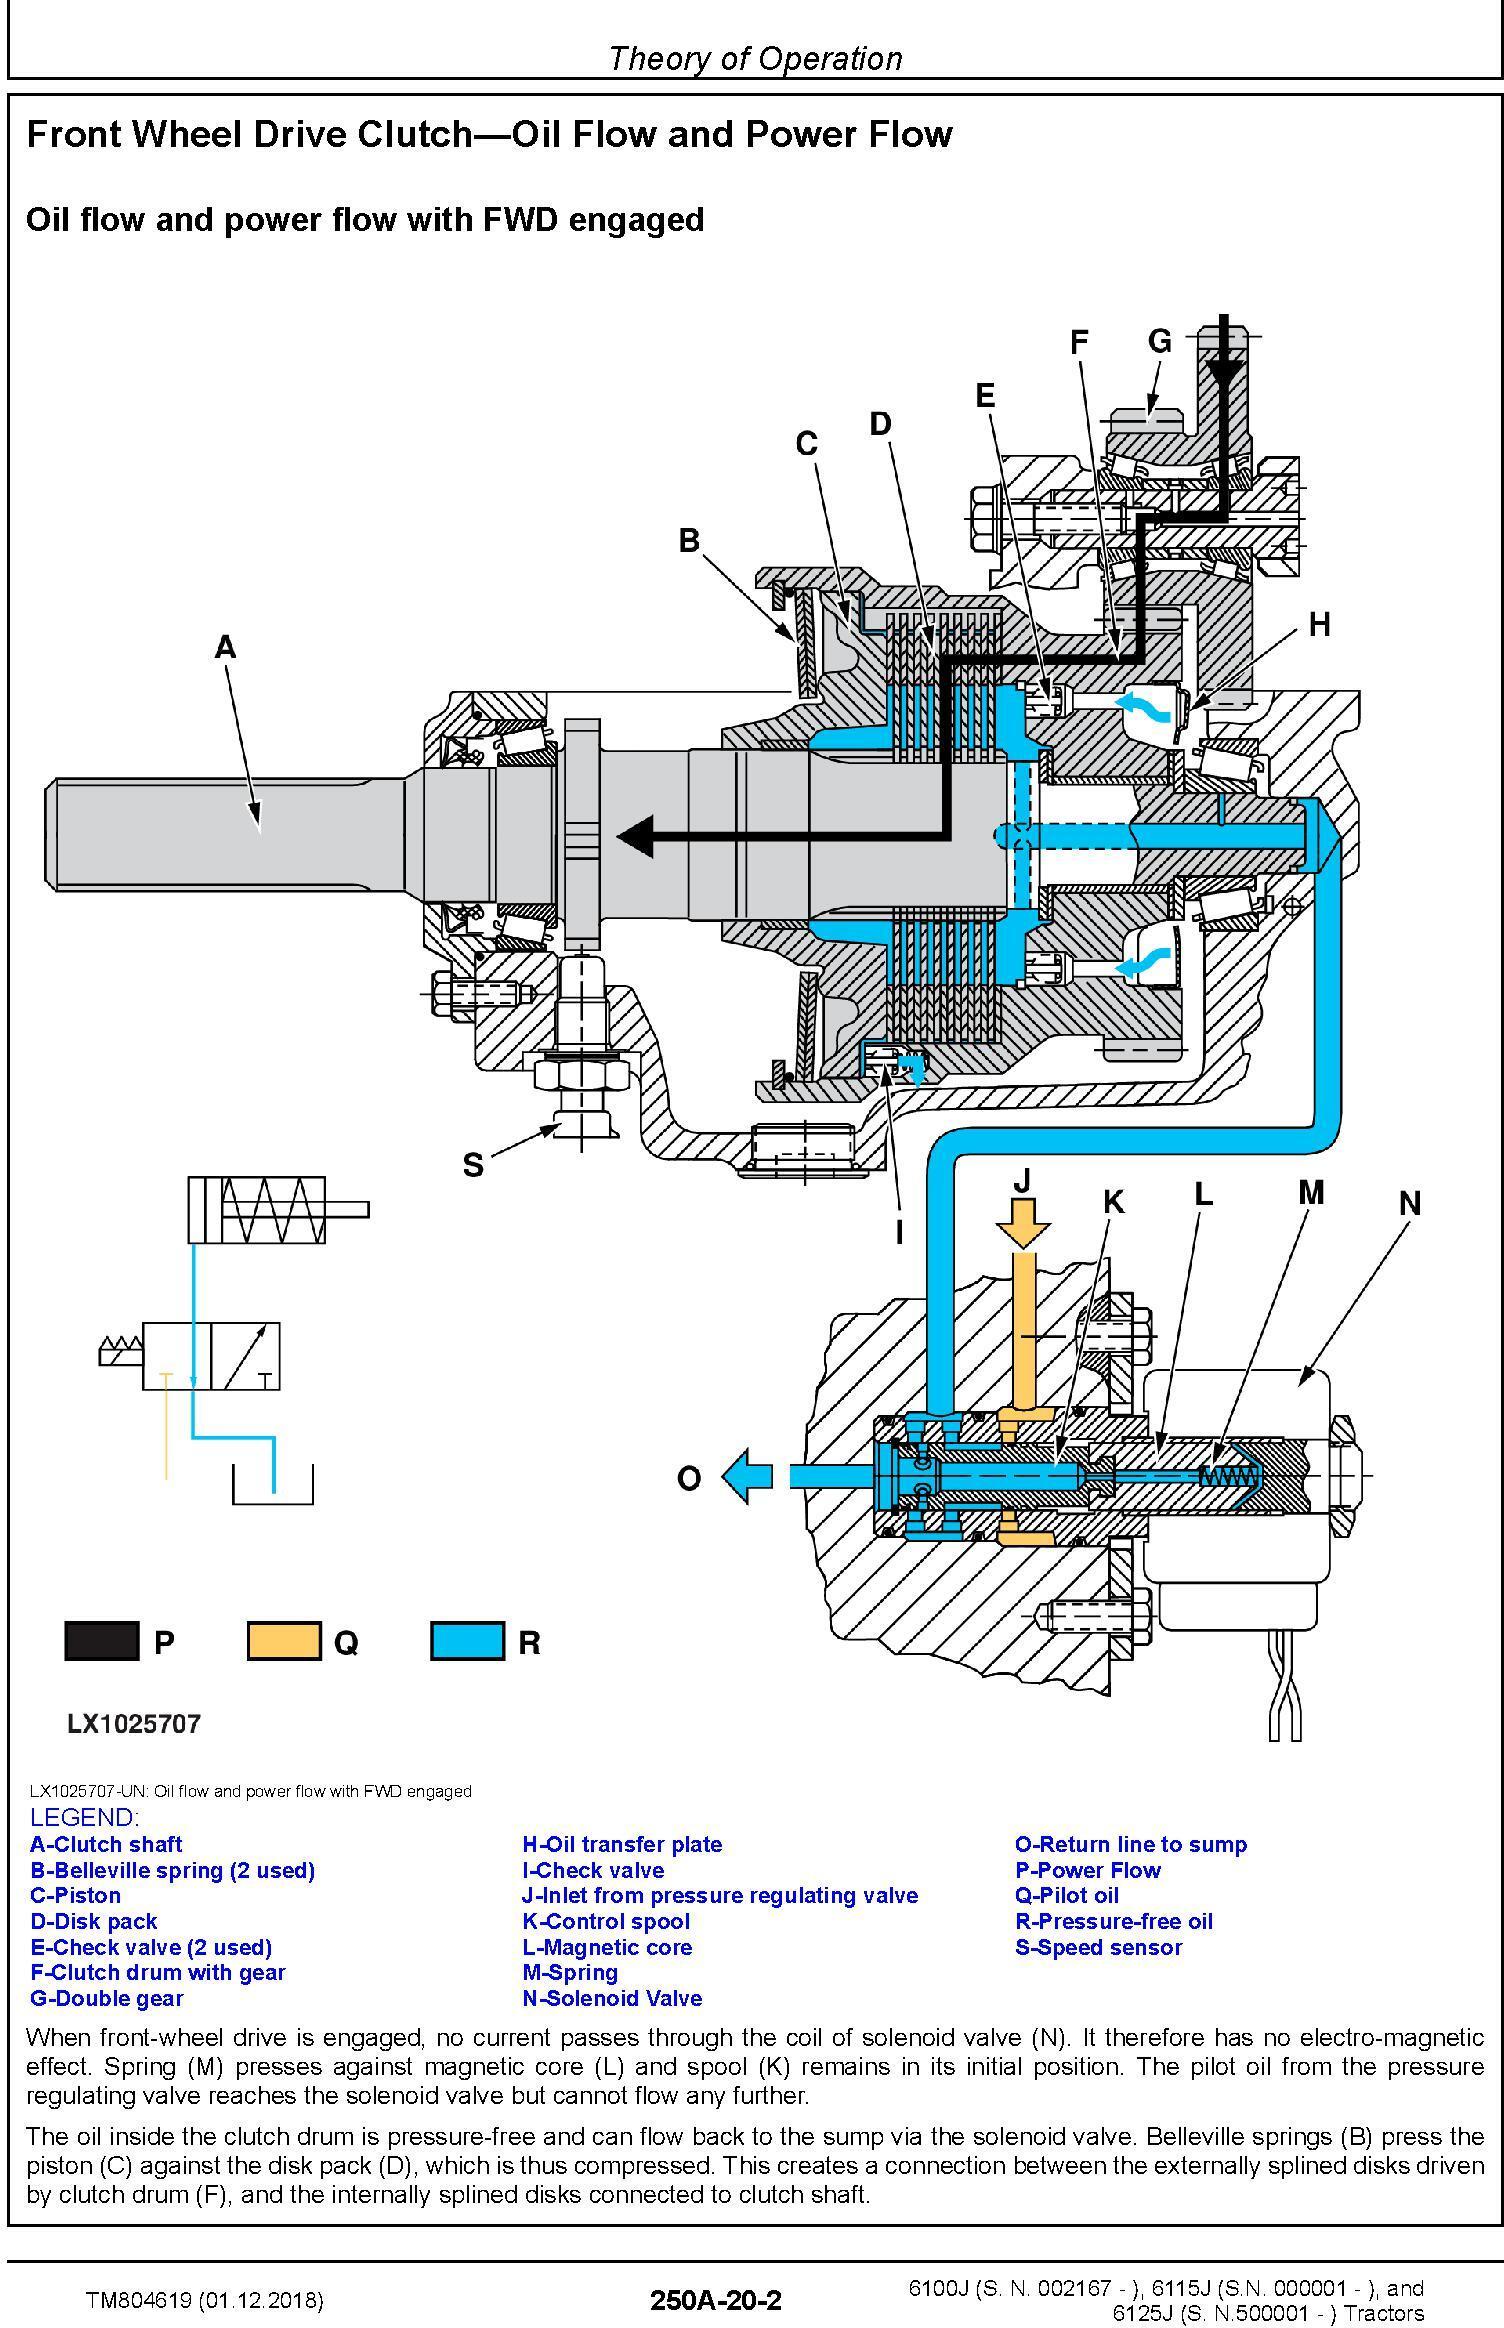 John Deere 6100J, 6115J, 6125J Tractors Diagnostic Technical Service Manual (TM804619) - 2